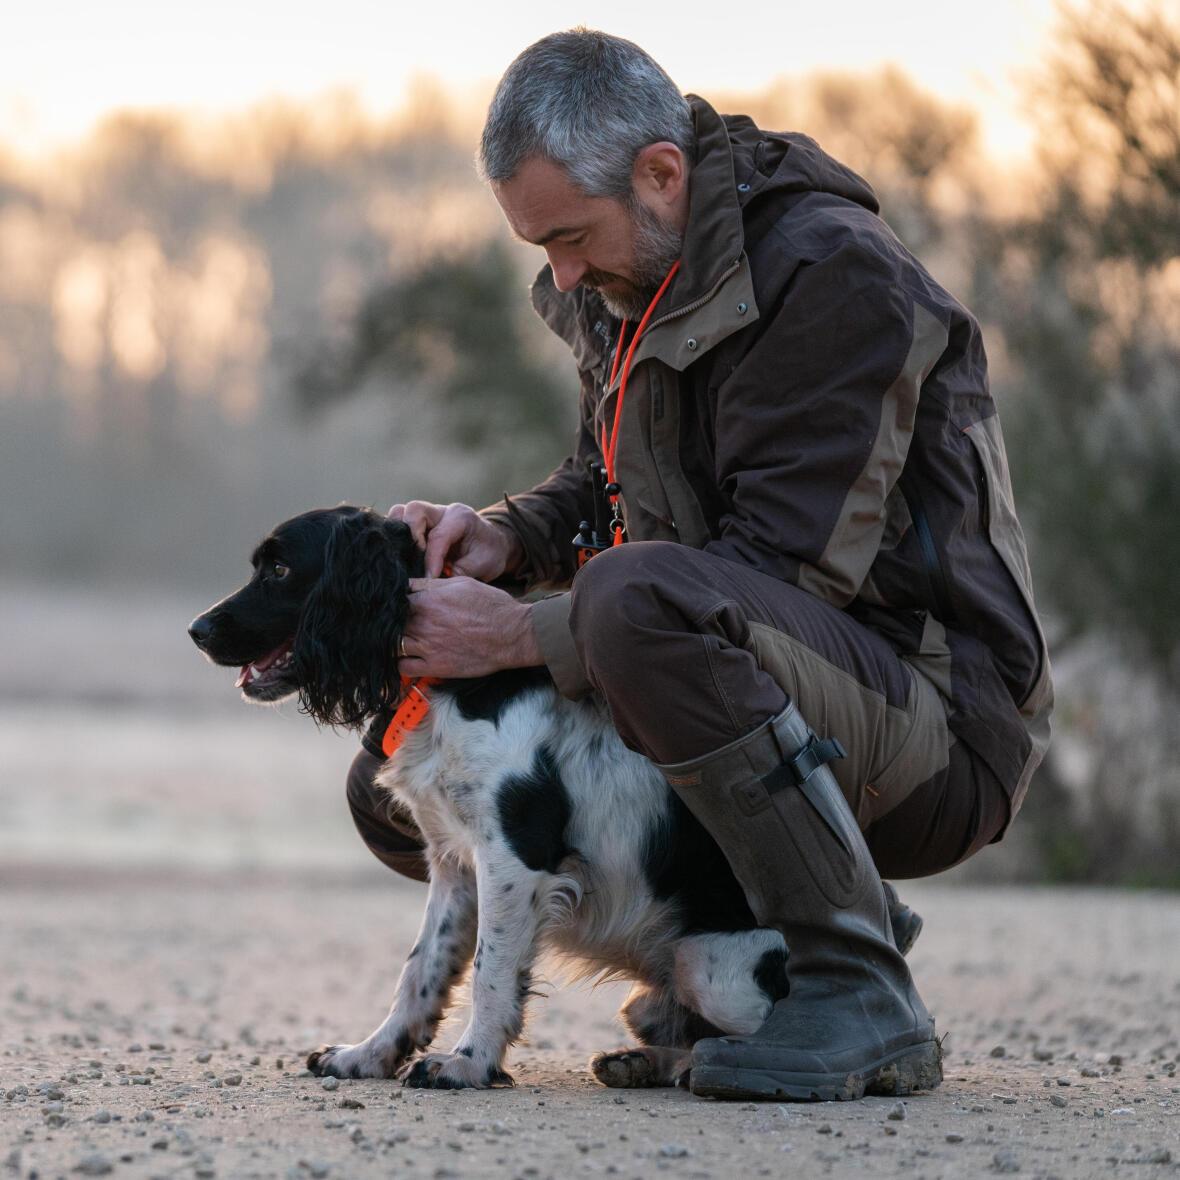 Un chasseur met un collier à son chien avant de partir chasser